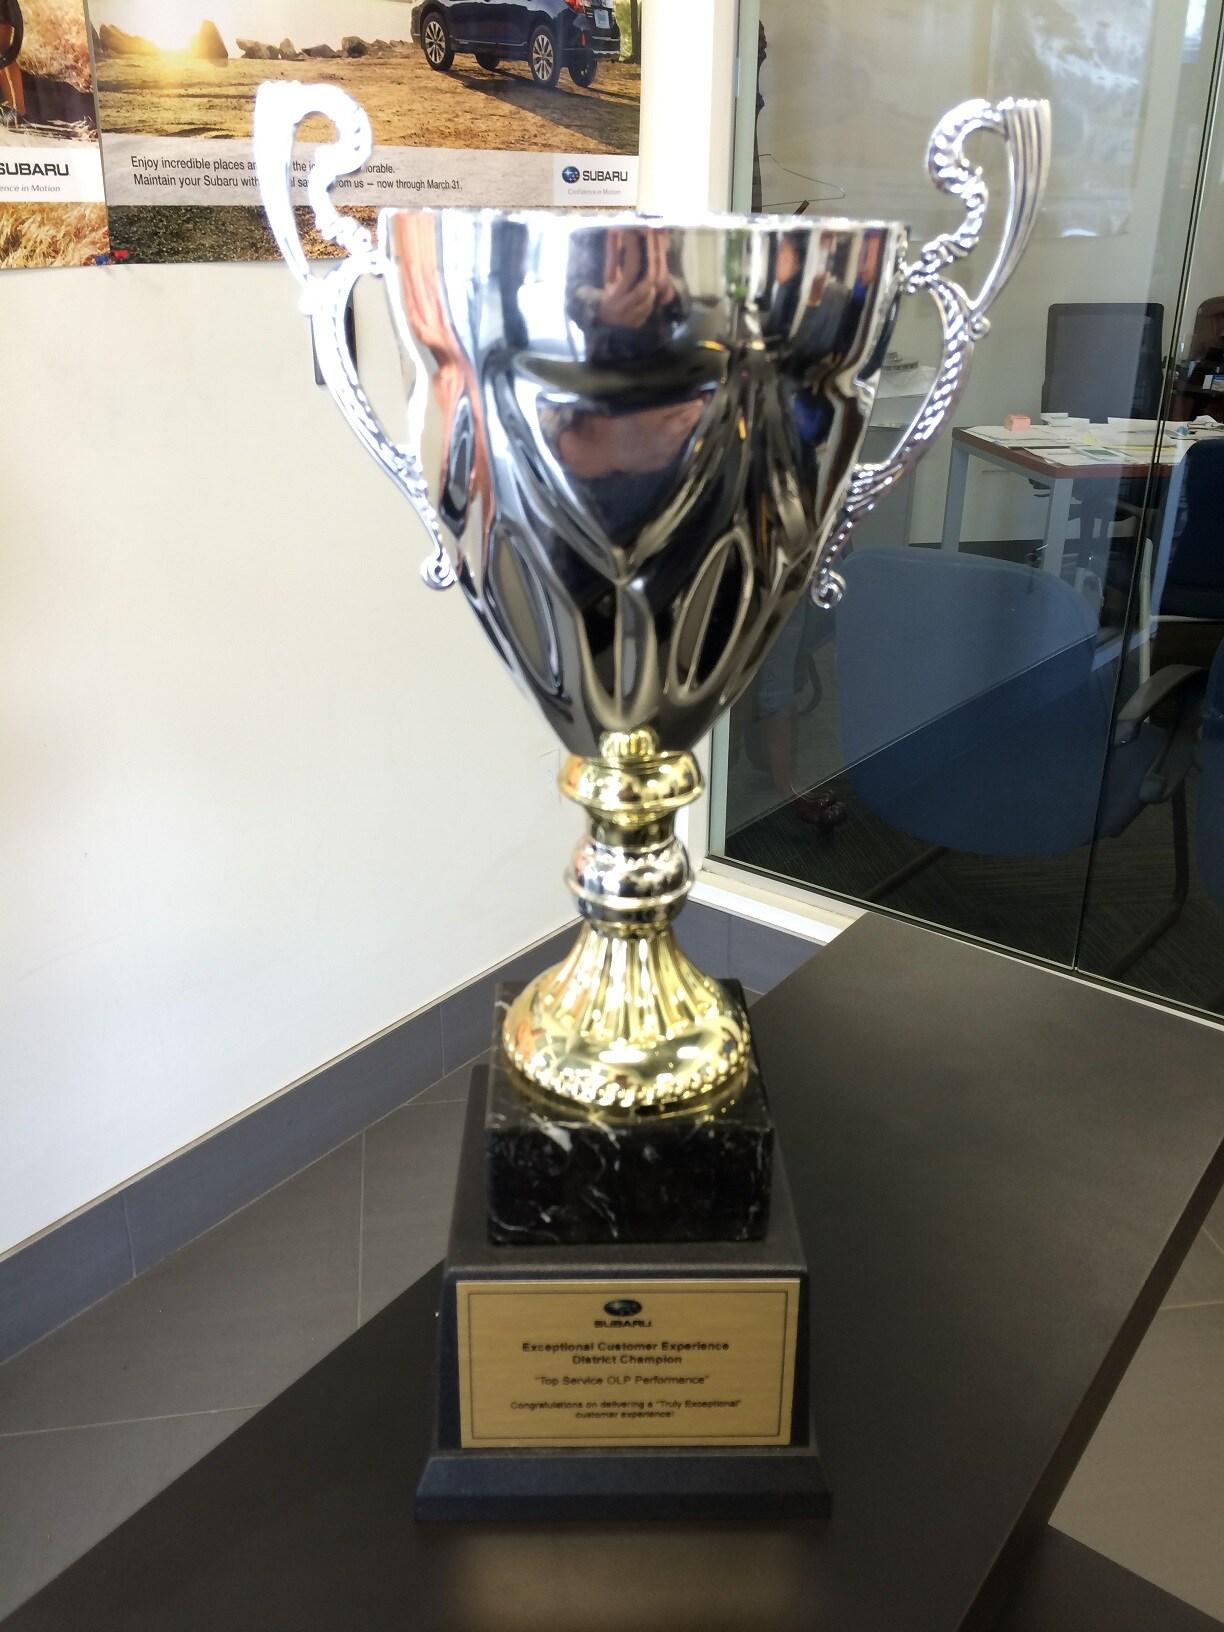 Adventure Subaru Awards